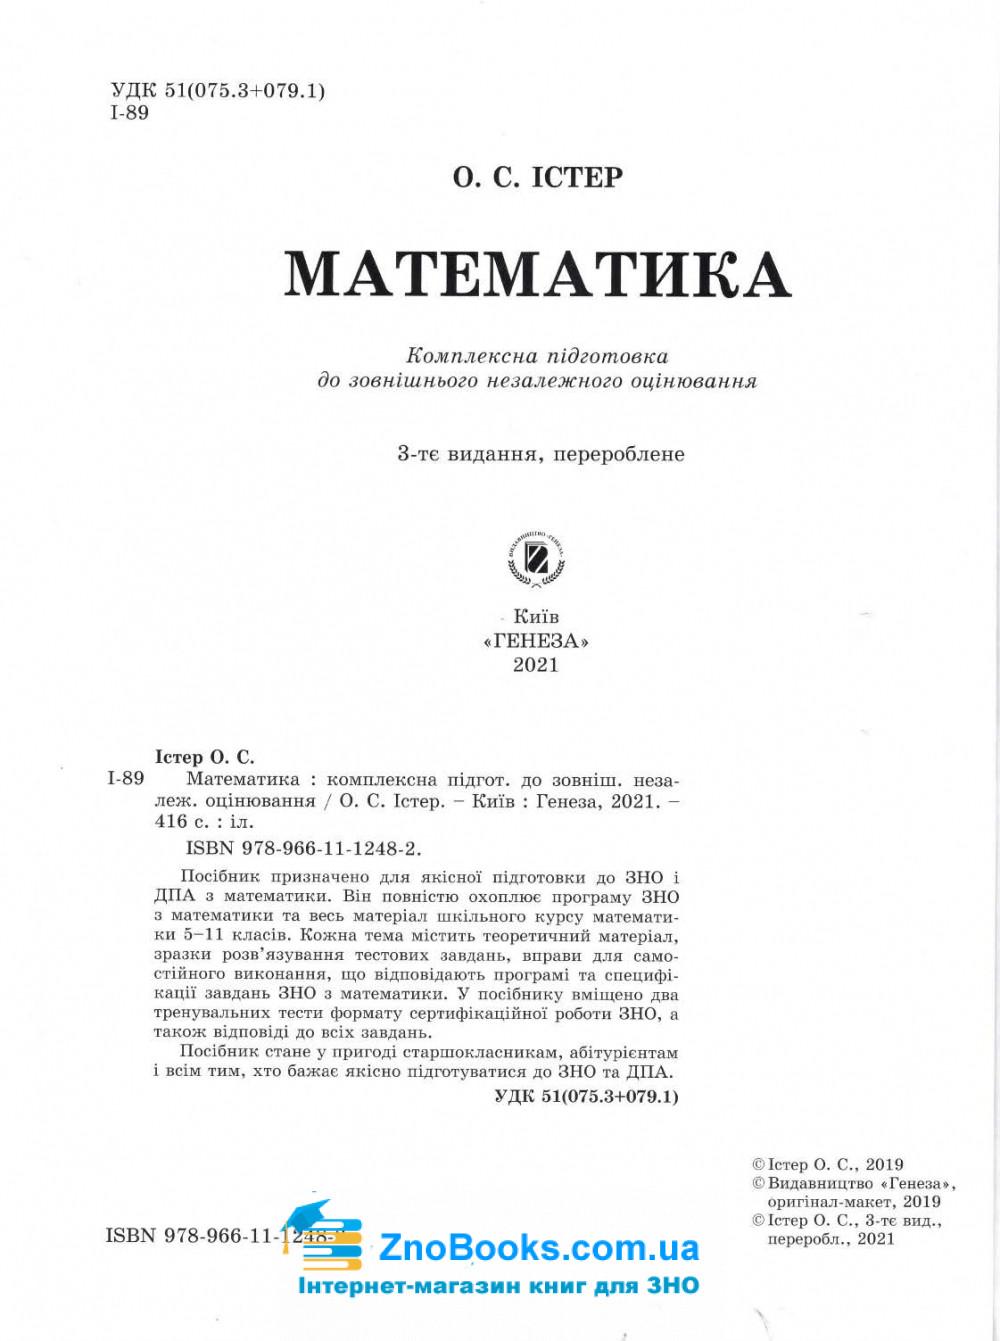 Математика ЗНО 2022. Комплексна підготовка + інтерактивні тести : Істер О. Генеза. купити 1